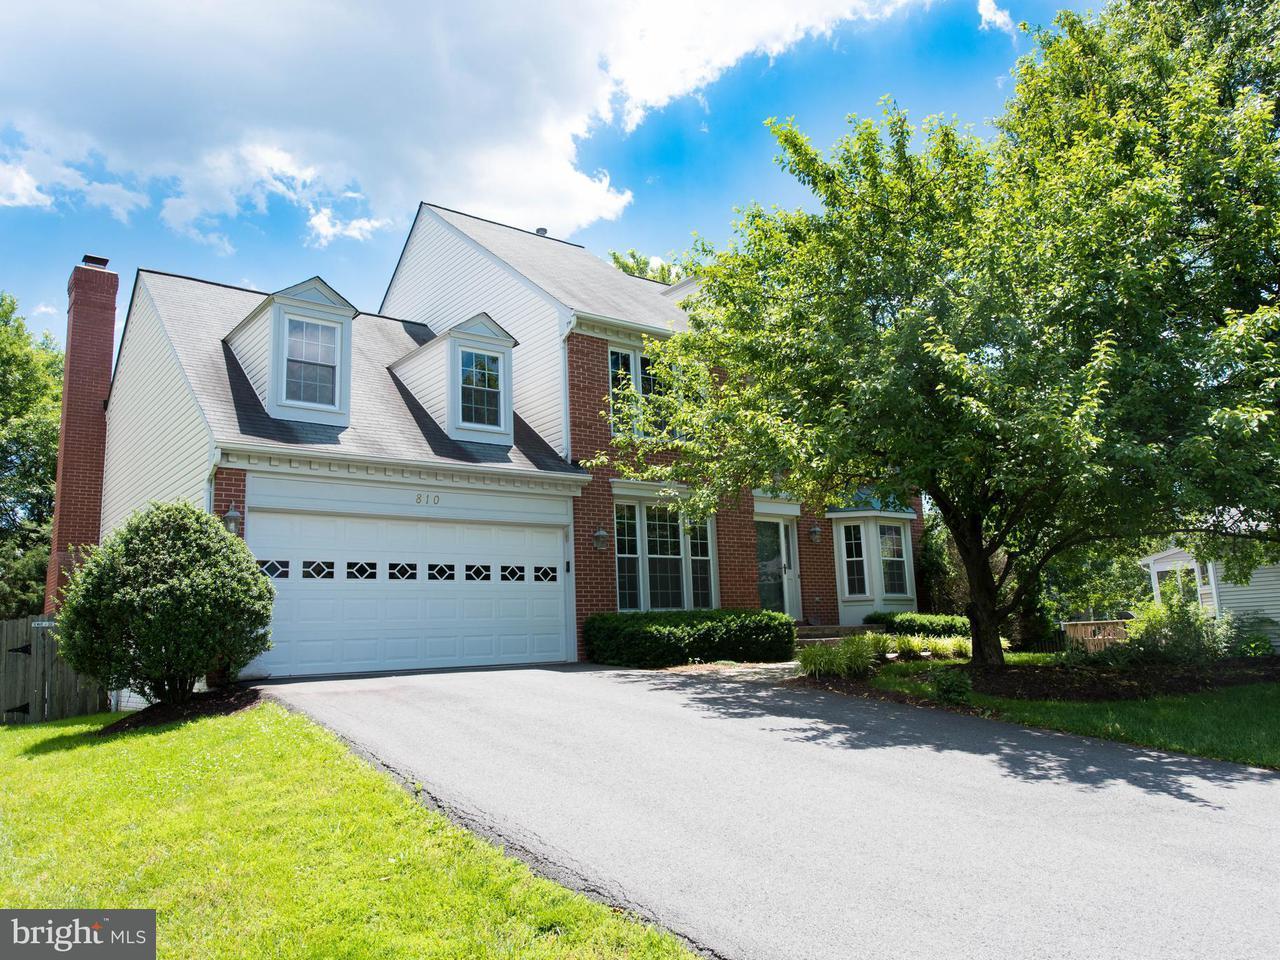 獨棟家庭住宅 為 出售 在 810 Autumn Breeze Court 810 Autumn Breeze Court Herndon, 弗吉尼亞州 20170 美國